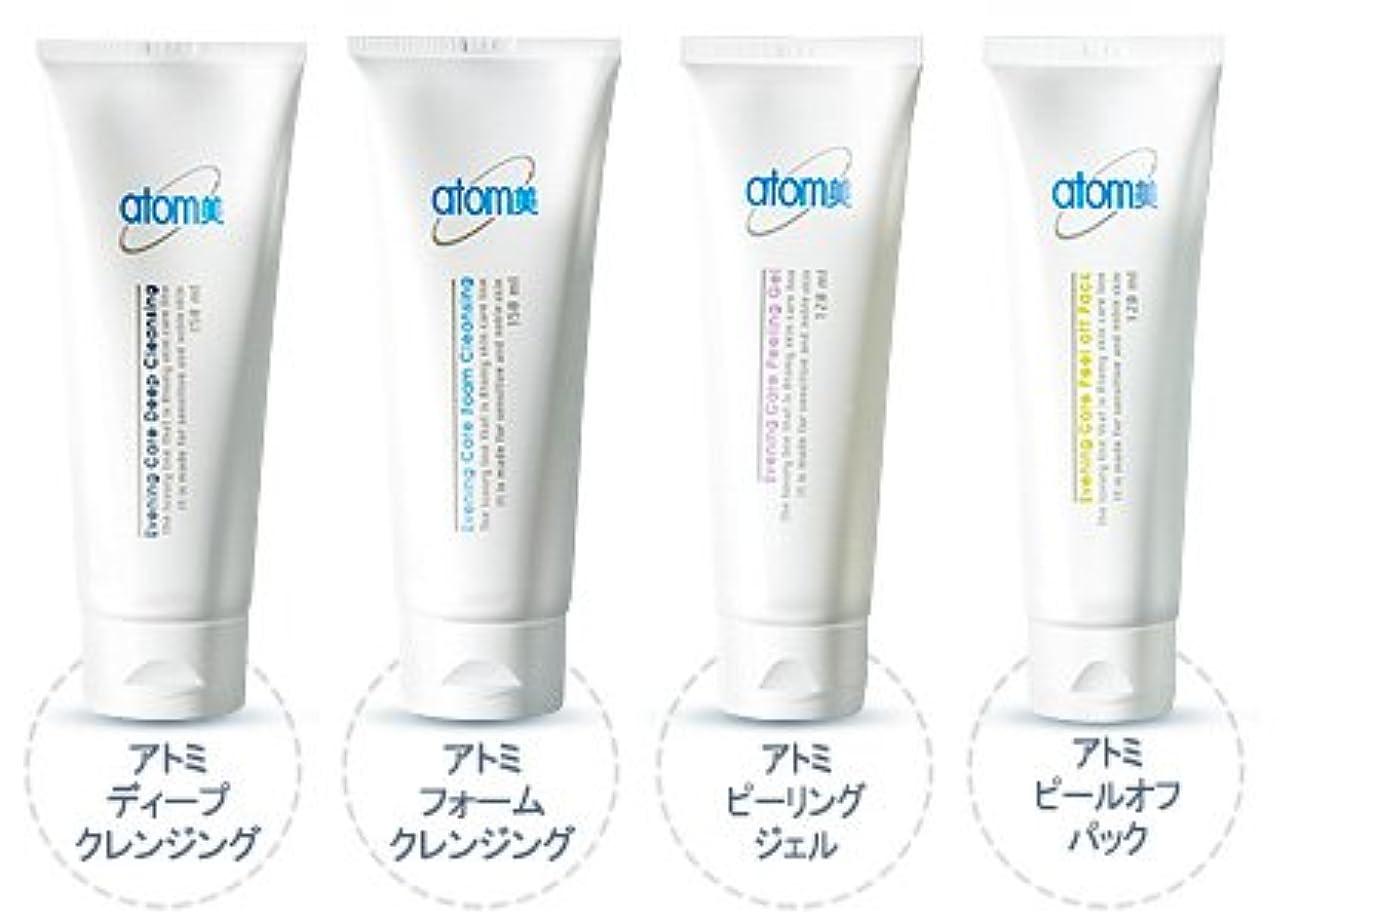 節約する気体の許されるAtomi Atomy Atom美 アトミ アトミイブニングケア4種セット